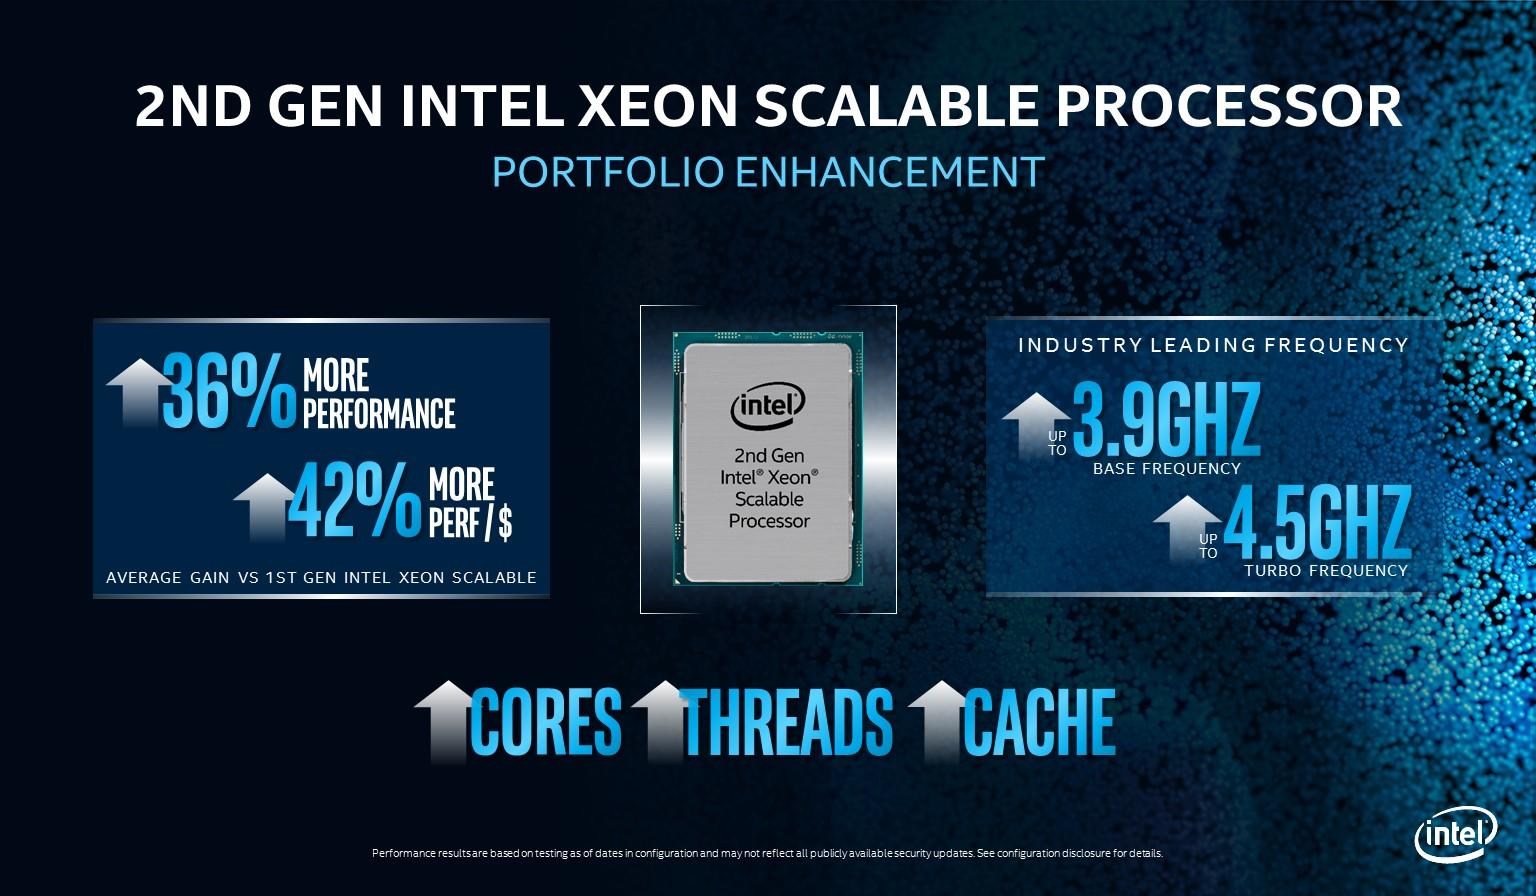 Intel annuncia nuovi prodotti per l'infrastruttura di rete 5G